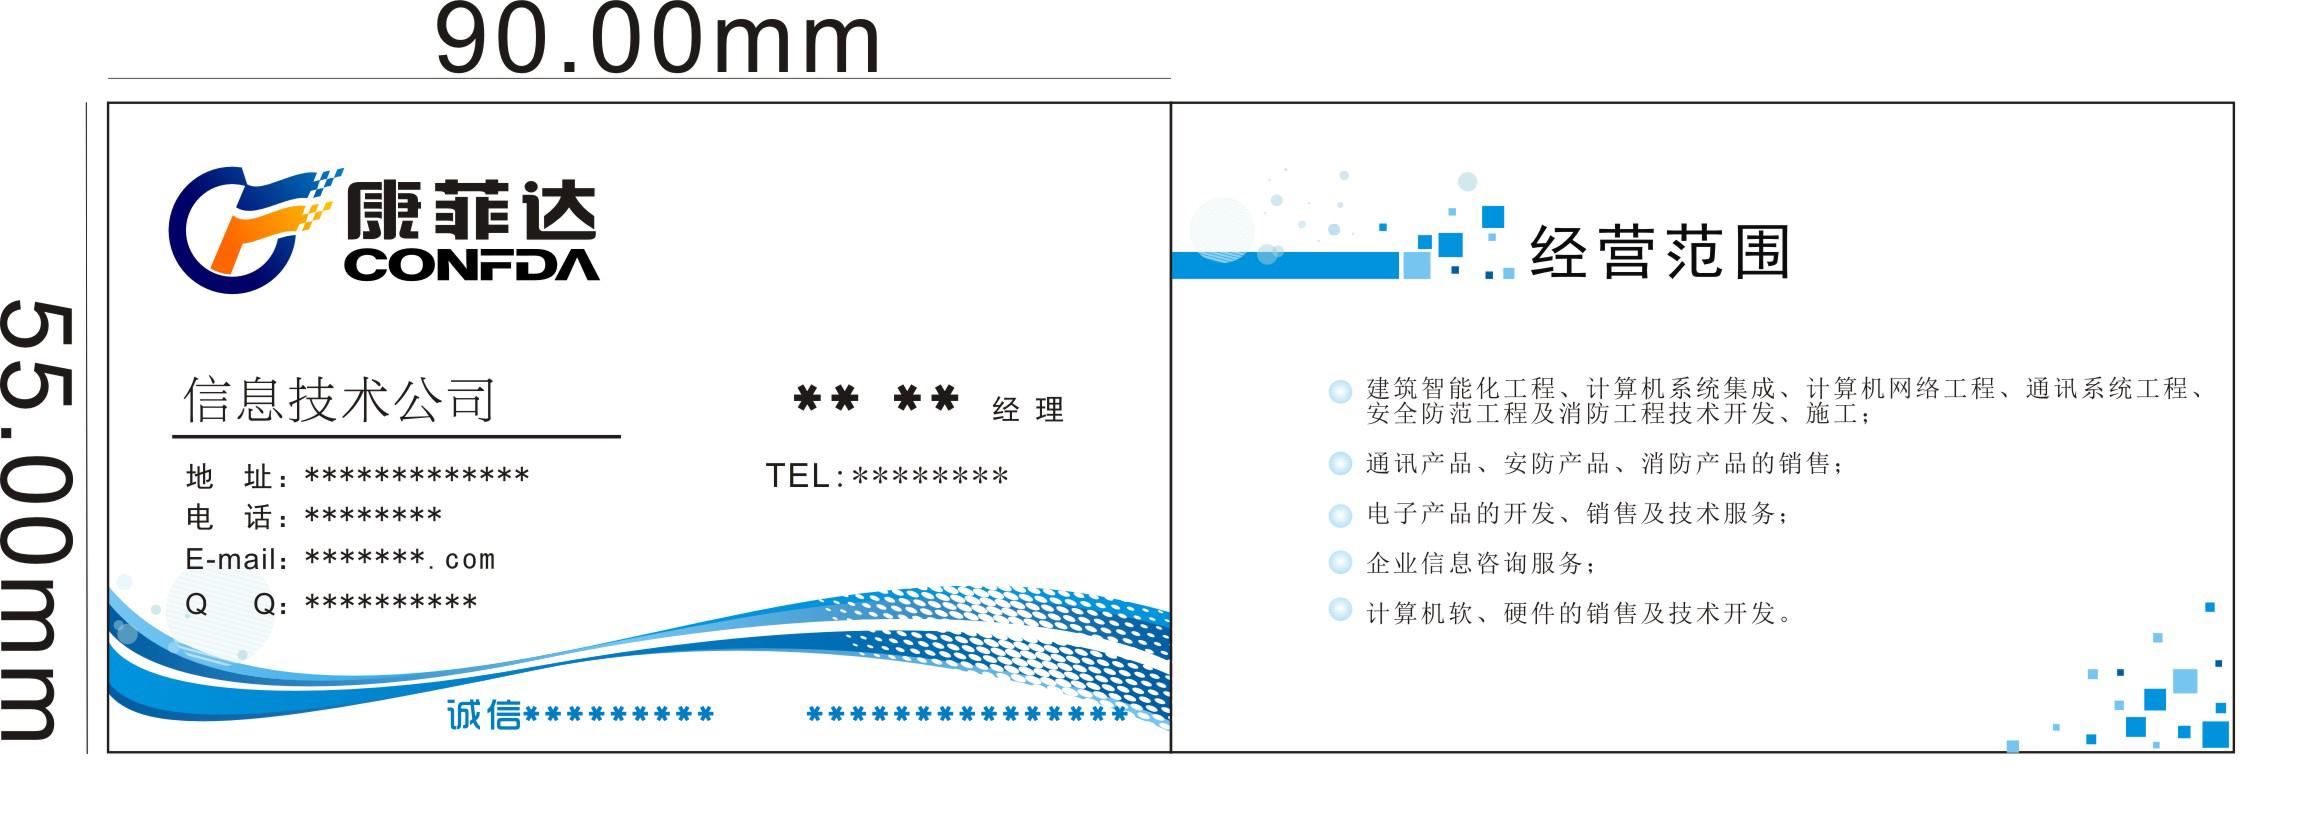 信息技术公司-名片设计.jpg(511.93k)